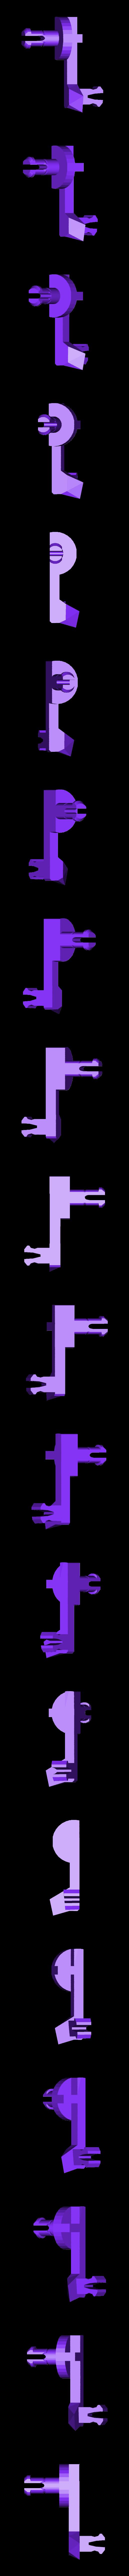 T-34-76 - wheel_connector-right.stl Télécharger fichier STL T-34/76 pour l'assemblage, avec voies mobiles • Objet pour imprimante 3D, c47